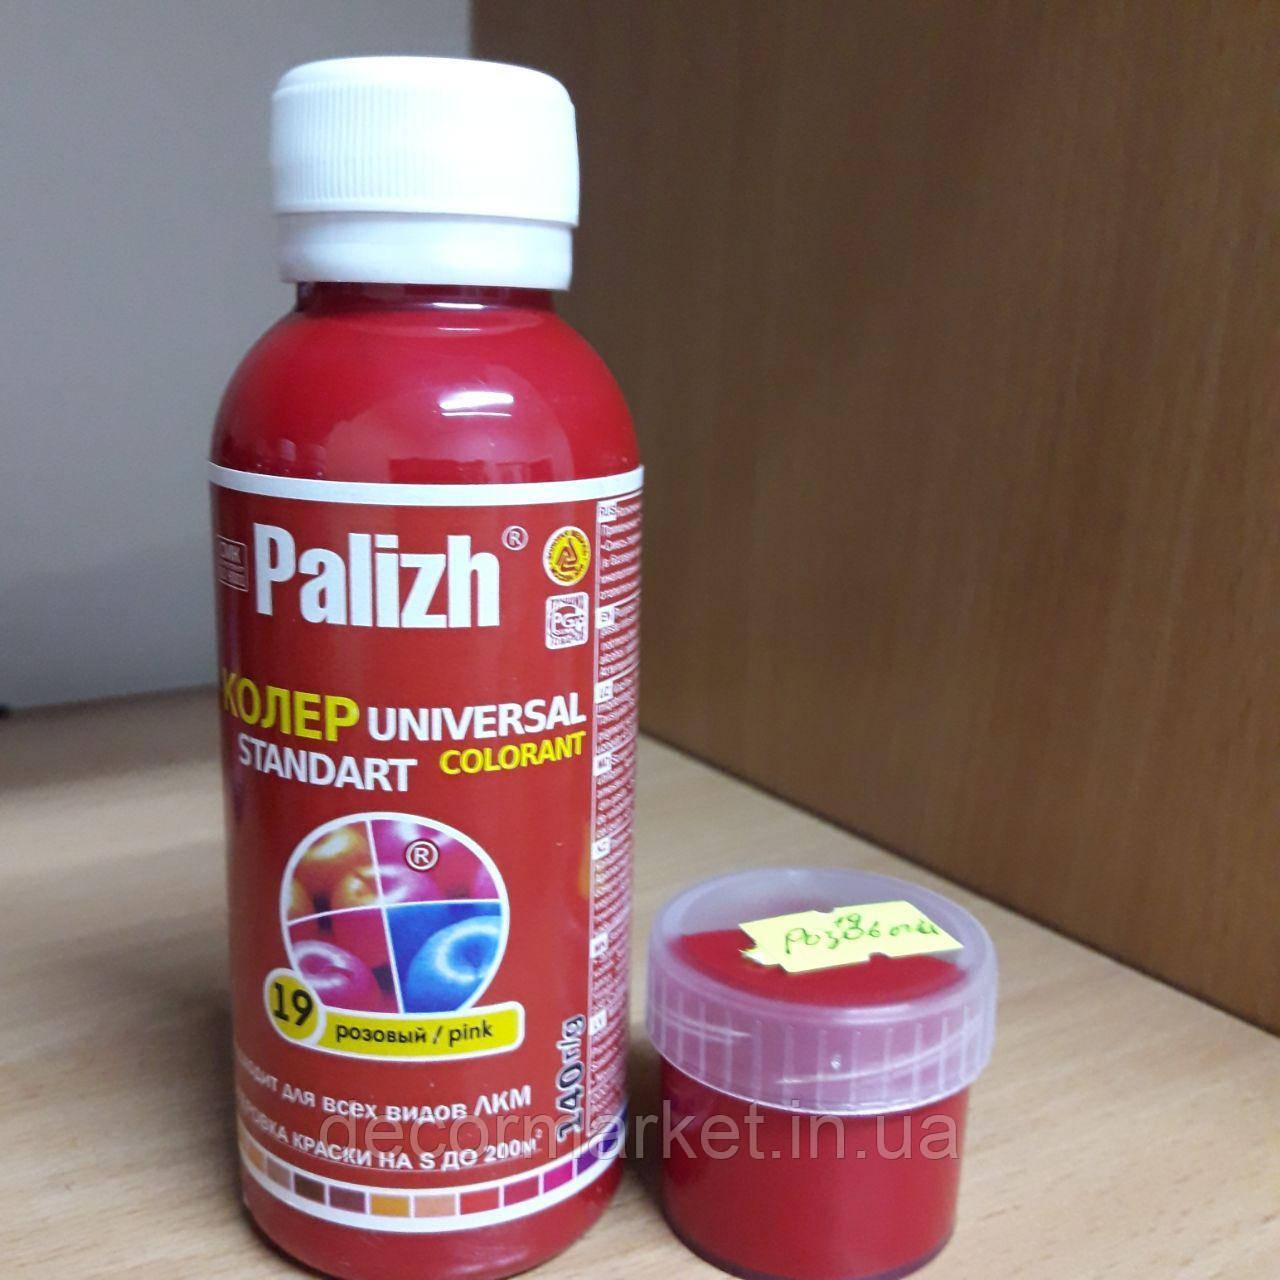 Колер PALIGH рожевий 140мл